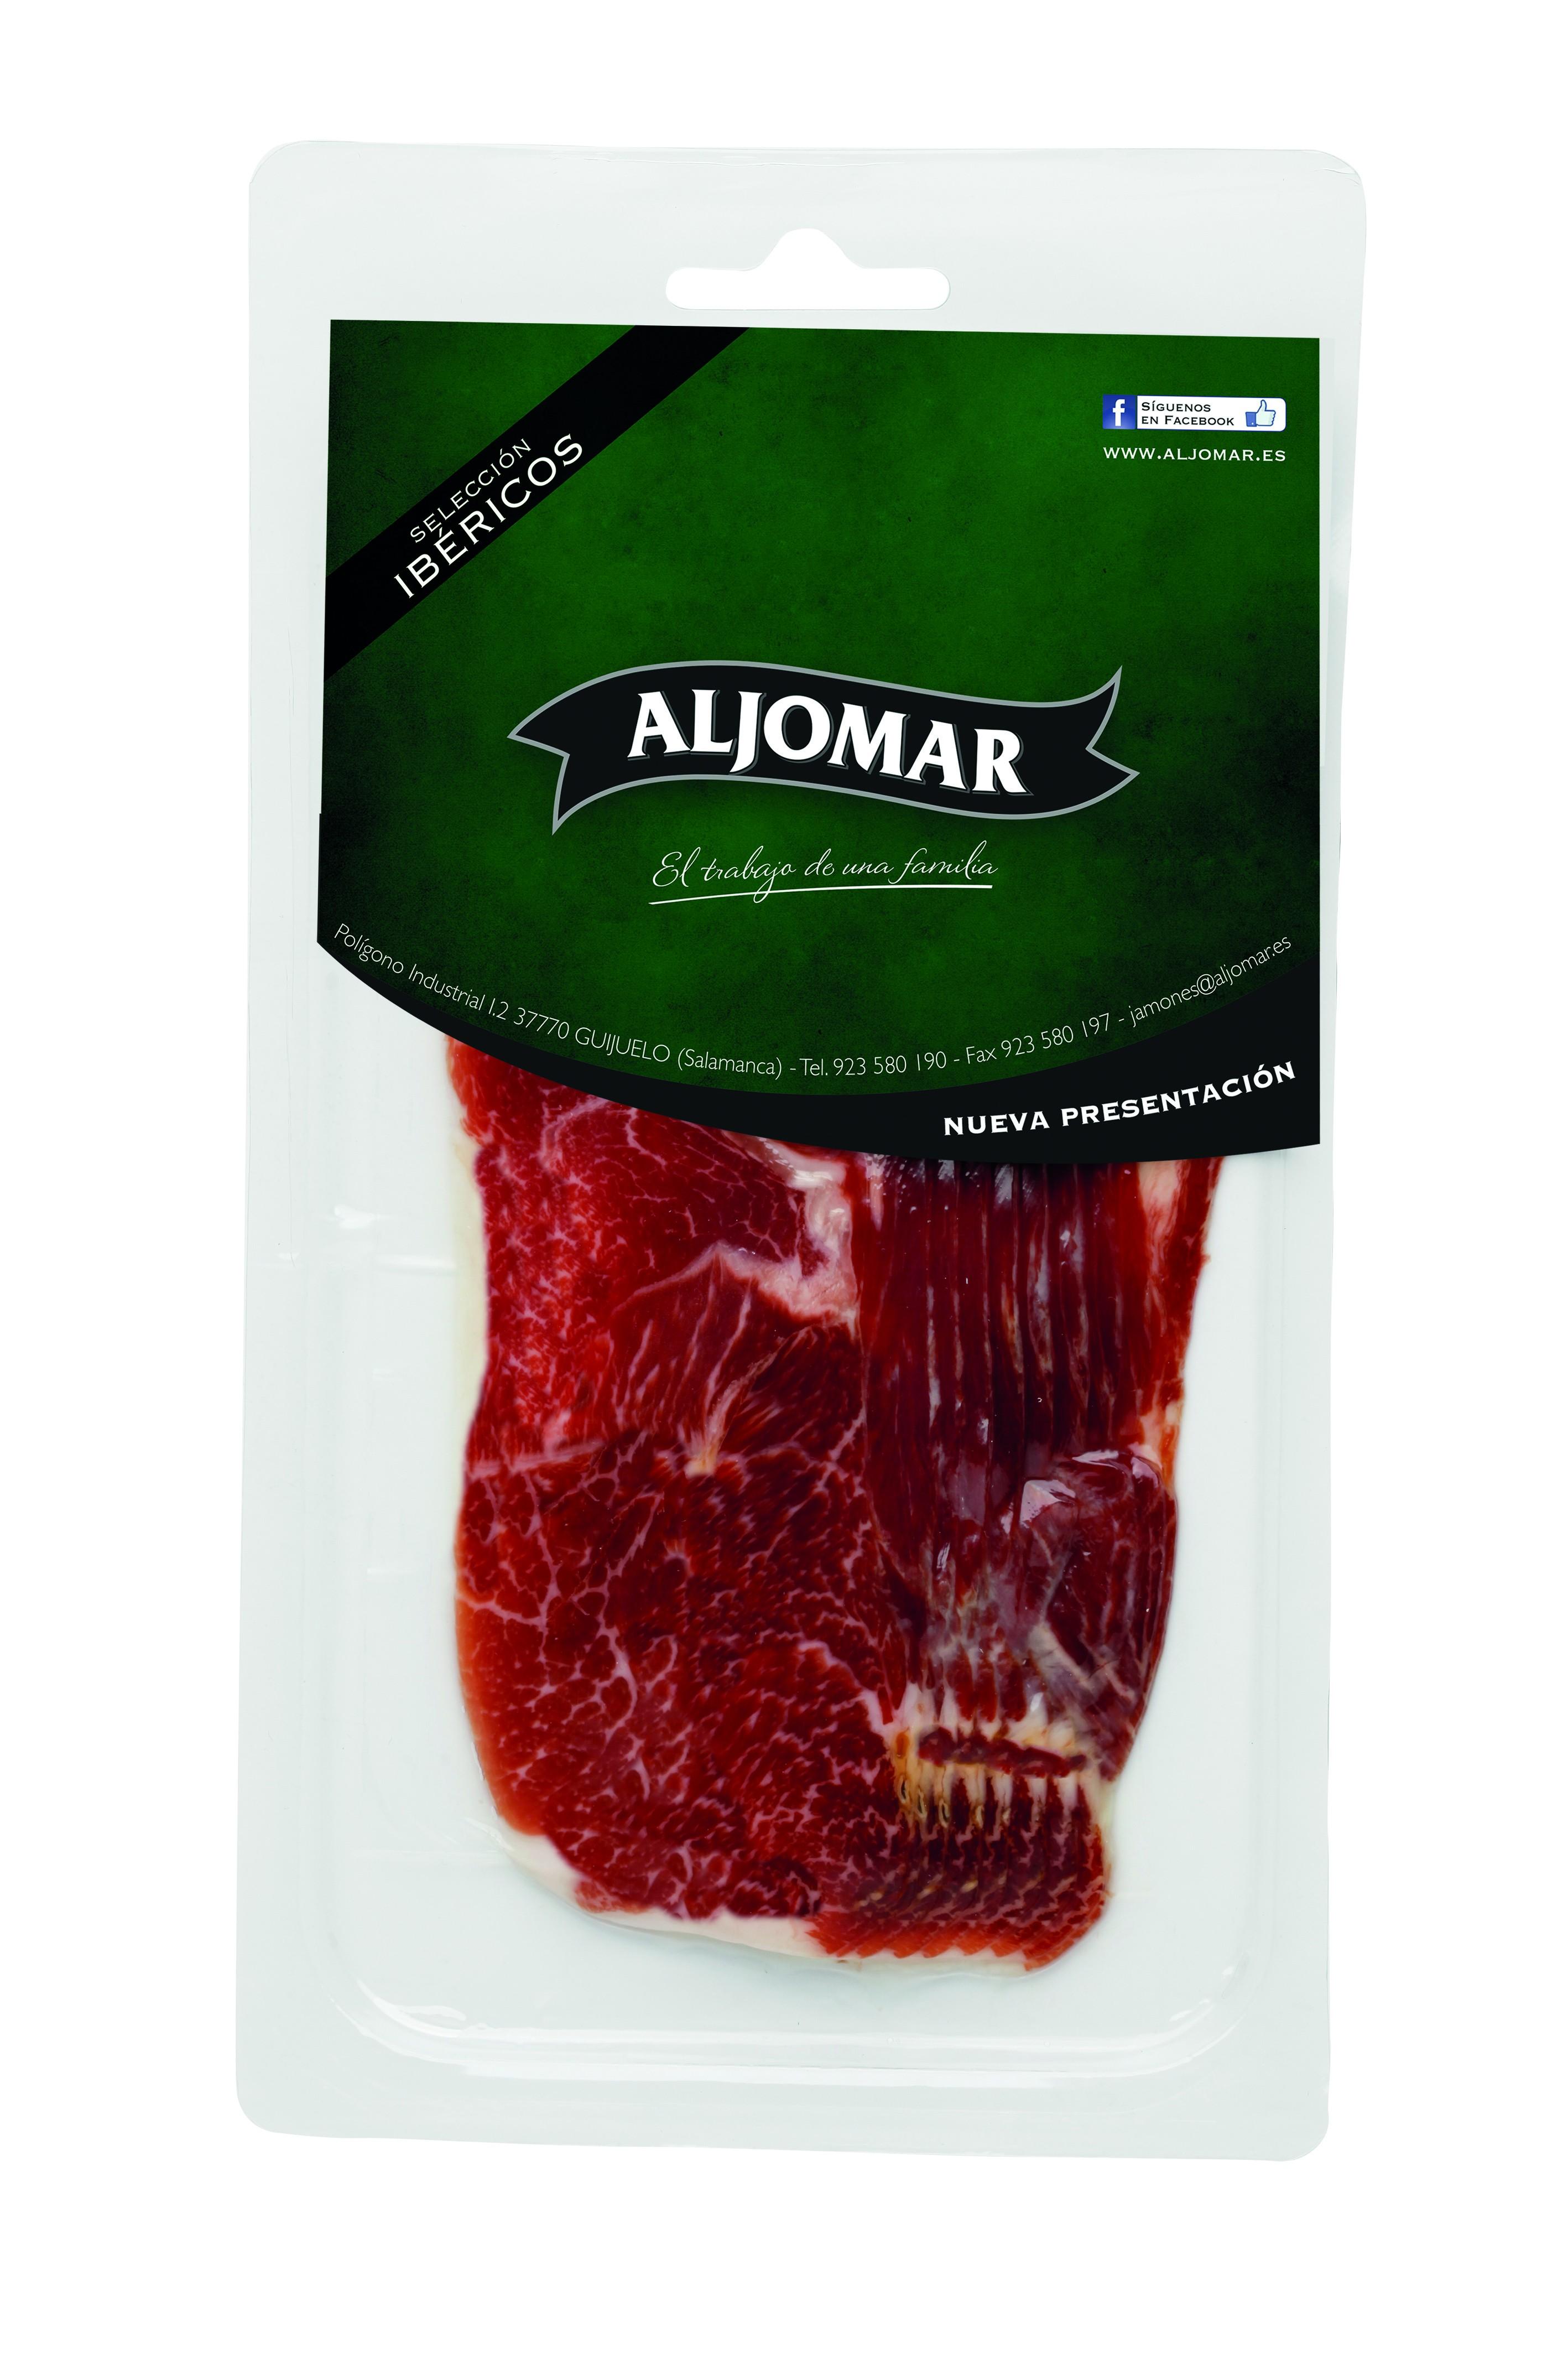 Jamones Aljomar, fiel a su presencia en Alimentaria